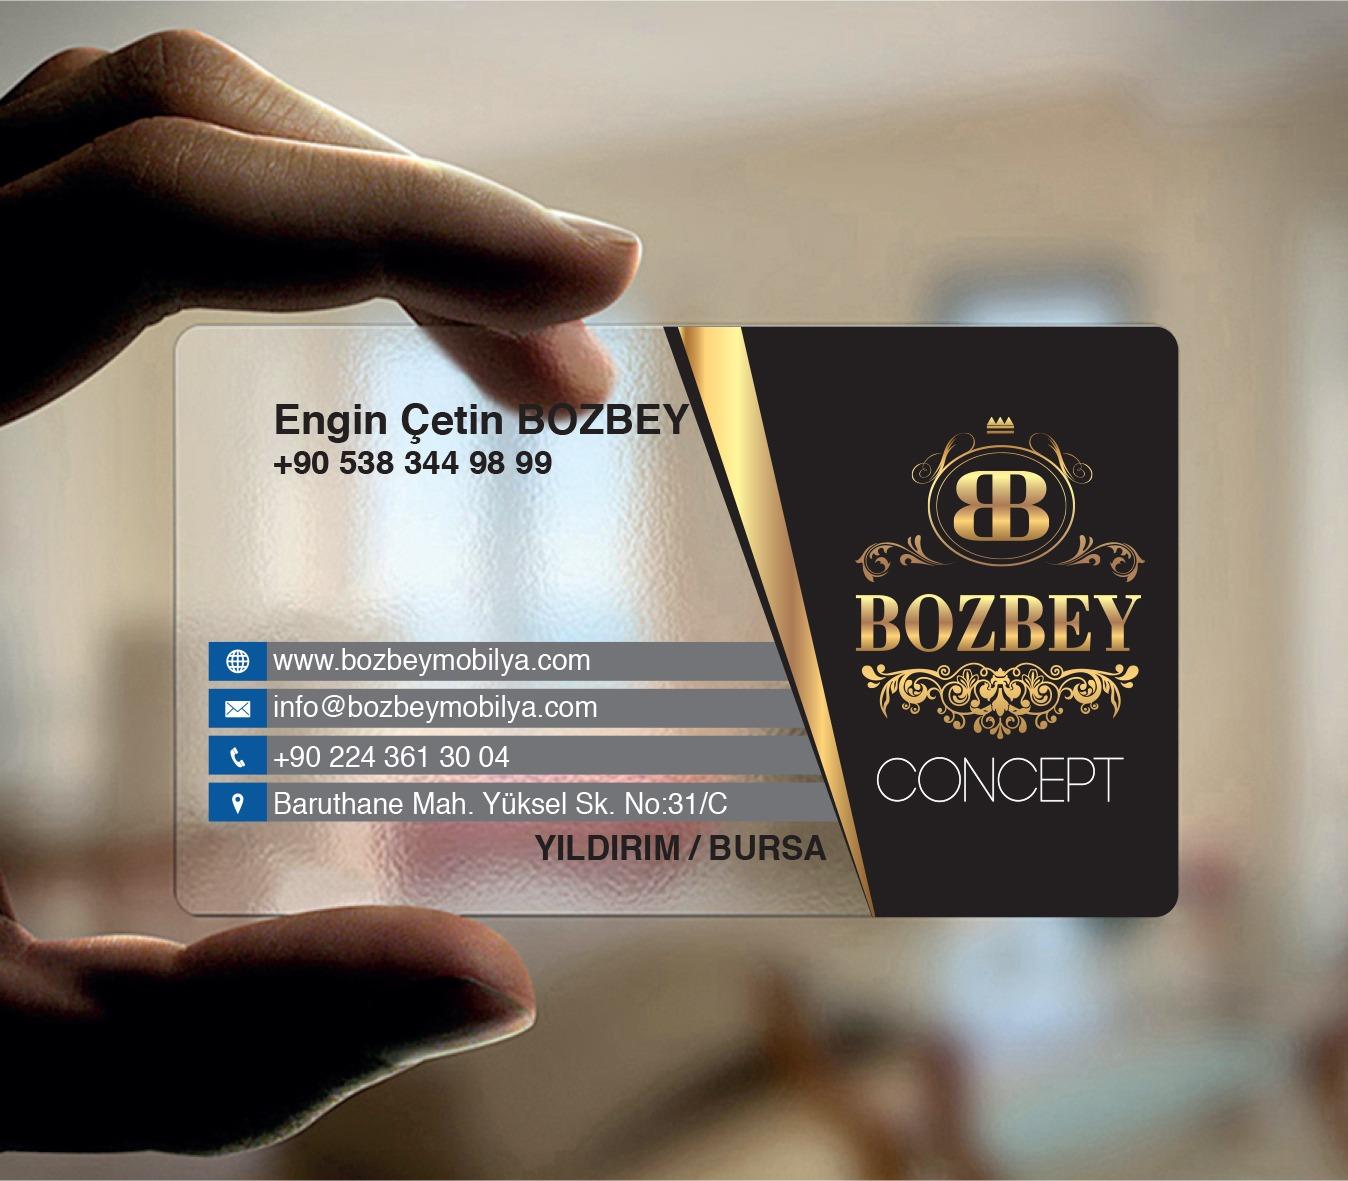 Bozbey Concept Şeffaf Kartvizit Tasarımı